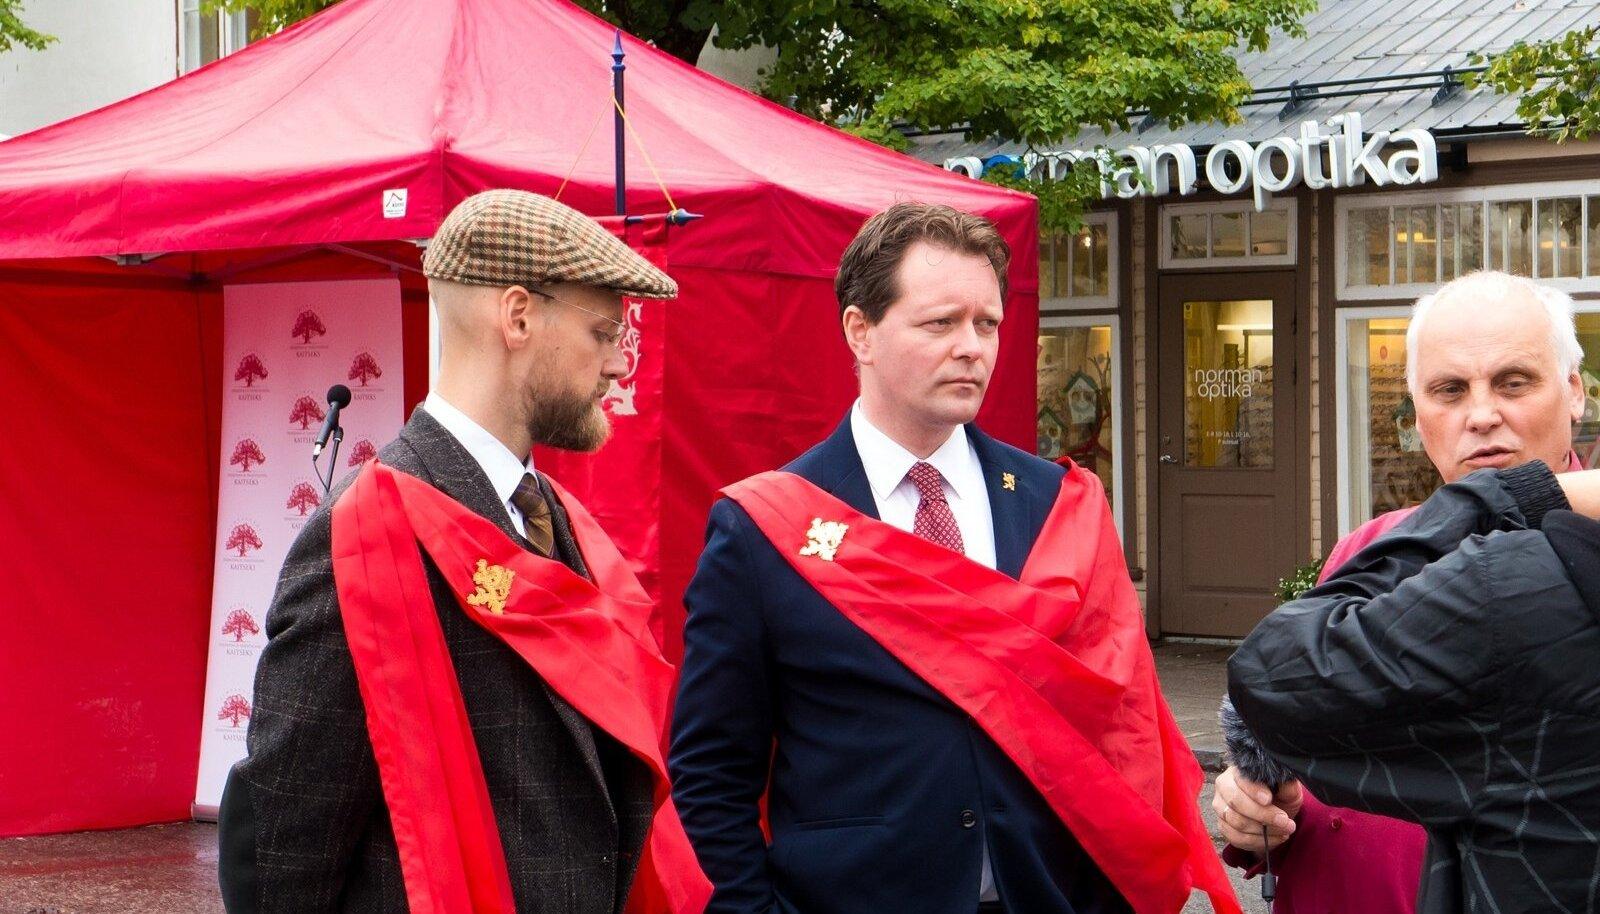 TÖÖL: Varro Vooglaid ja Markus Järvi suvel 2016 Kuressaares kodanikualgatuse õiguse toetuseks allkirju kogumas. Punane värv sümboliseerib TFP liikumist.